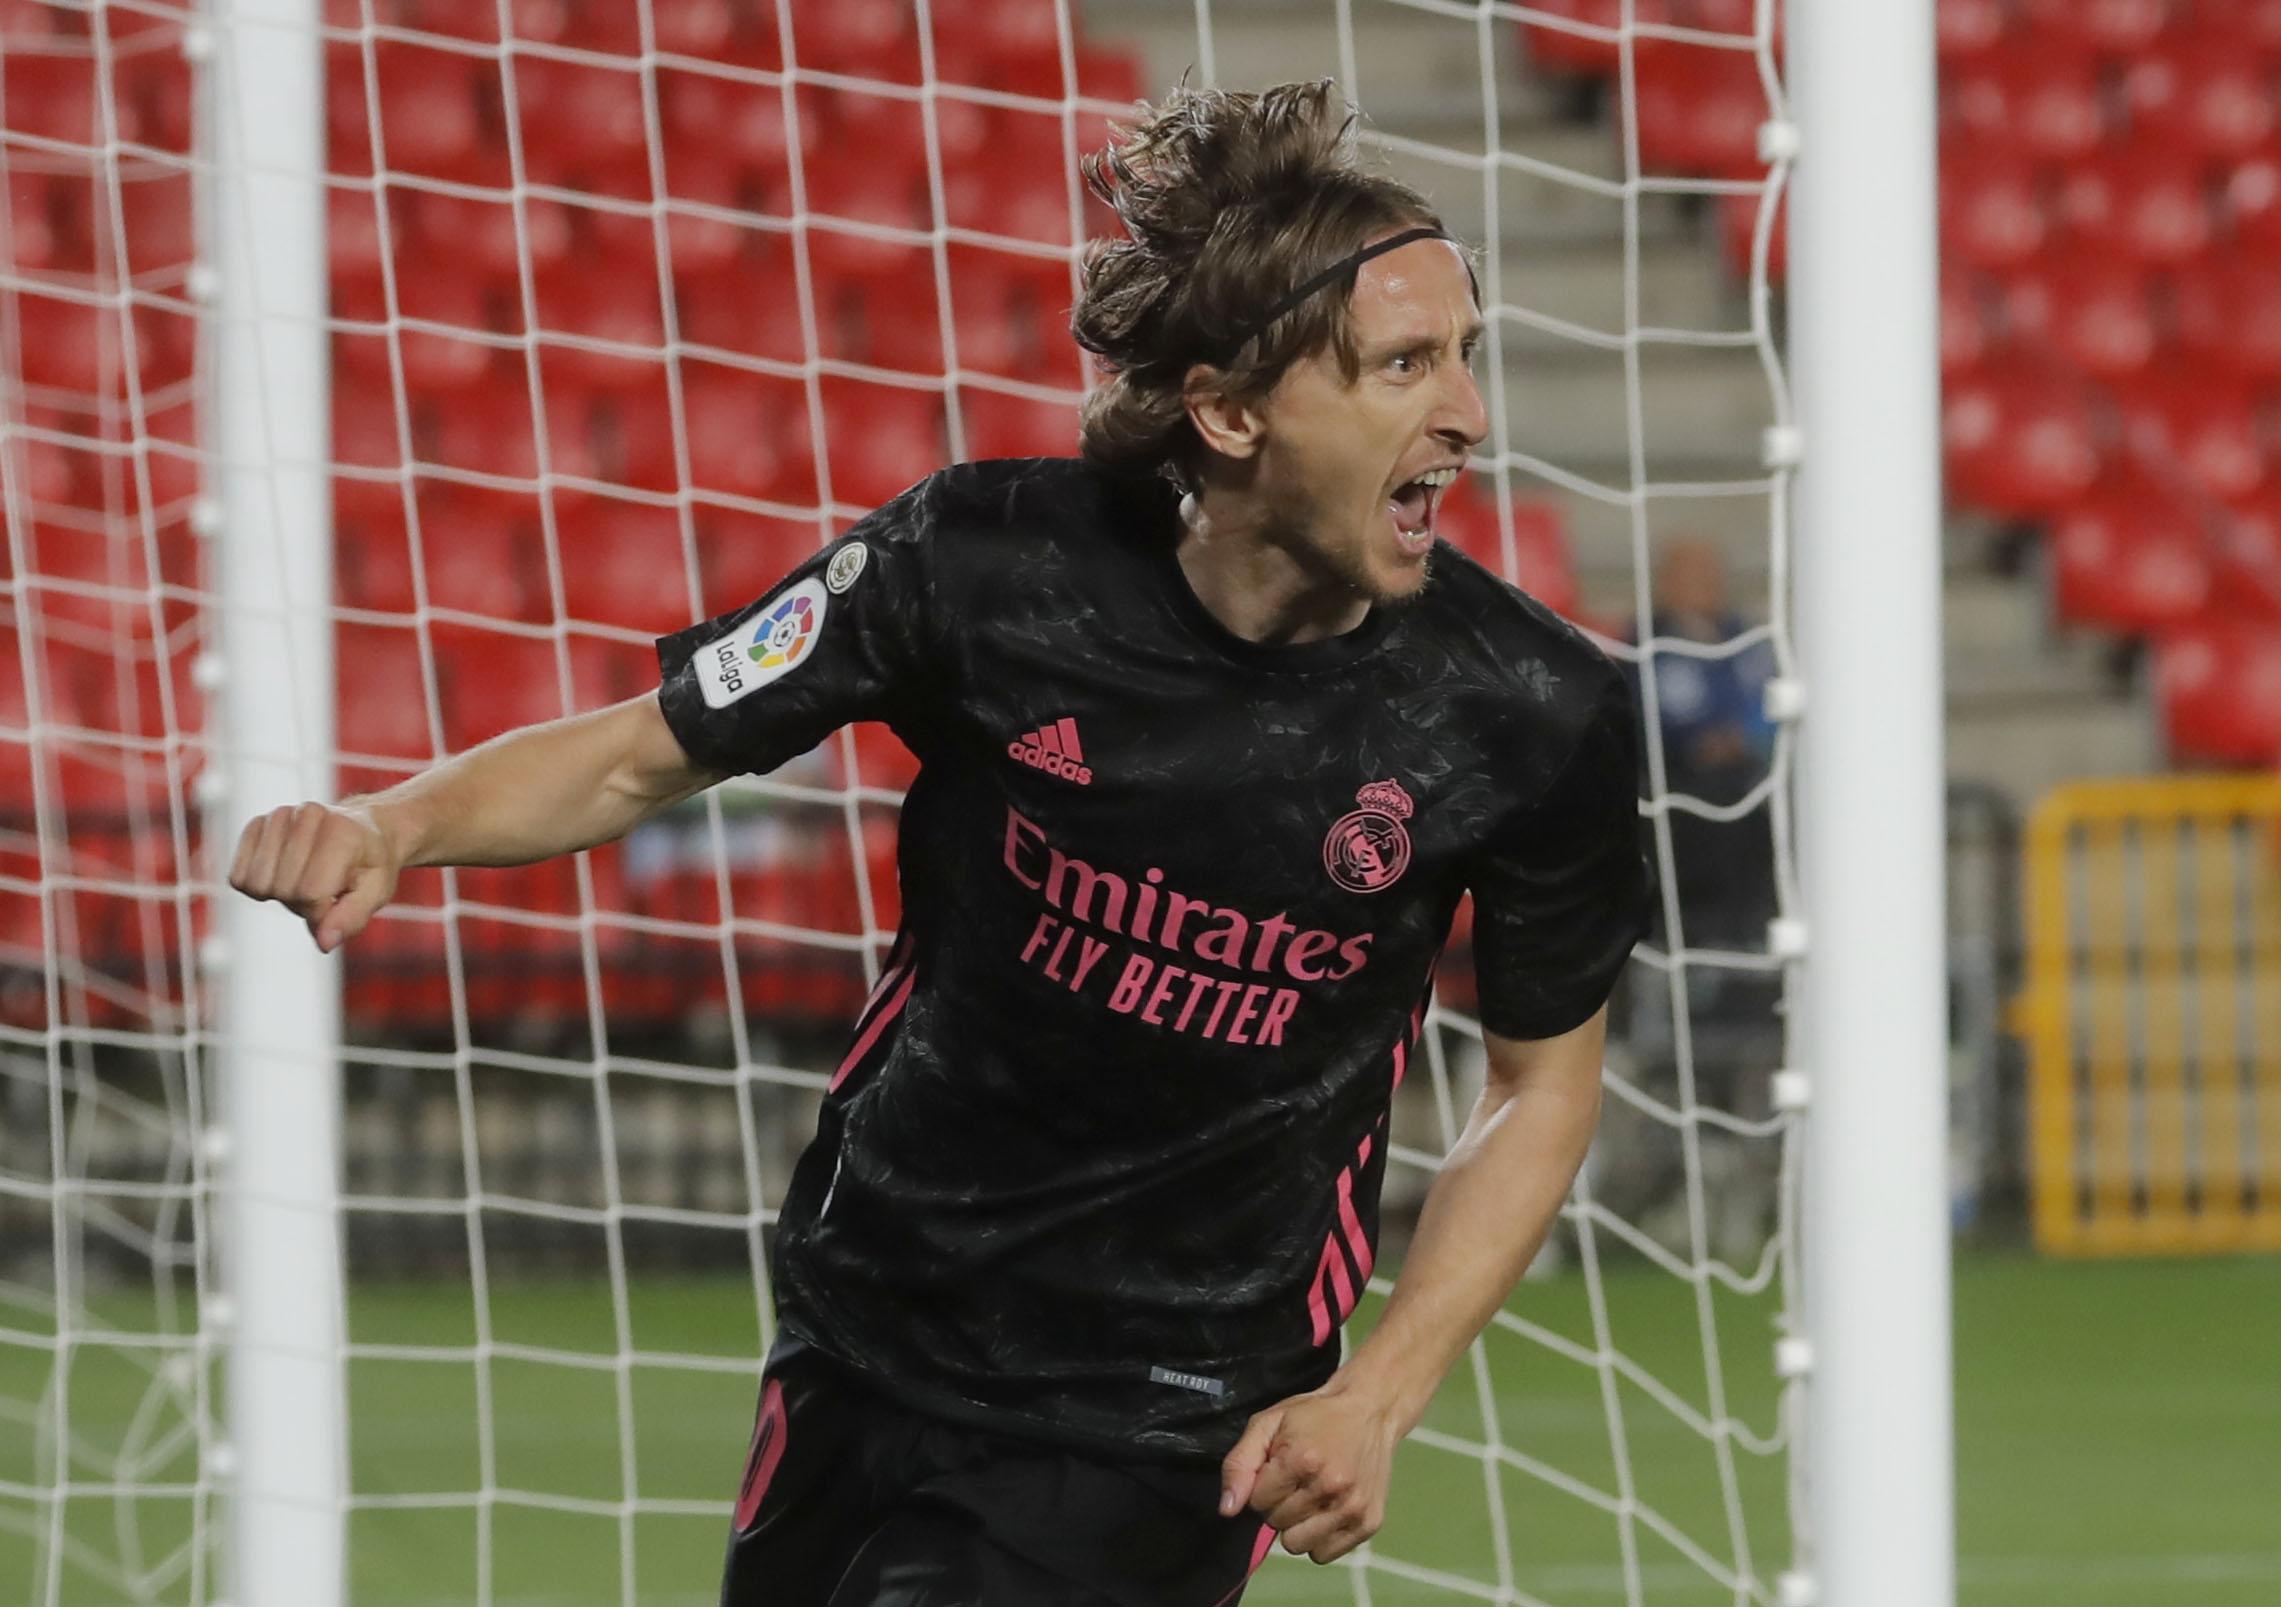 Ο Μόντριτς ανανέωσε με την Ρεάλ Μαδρίτης